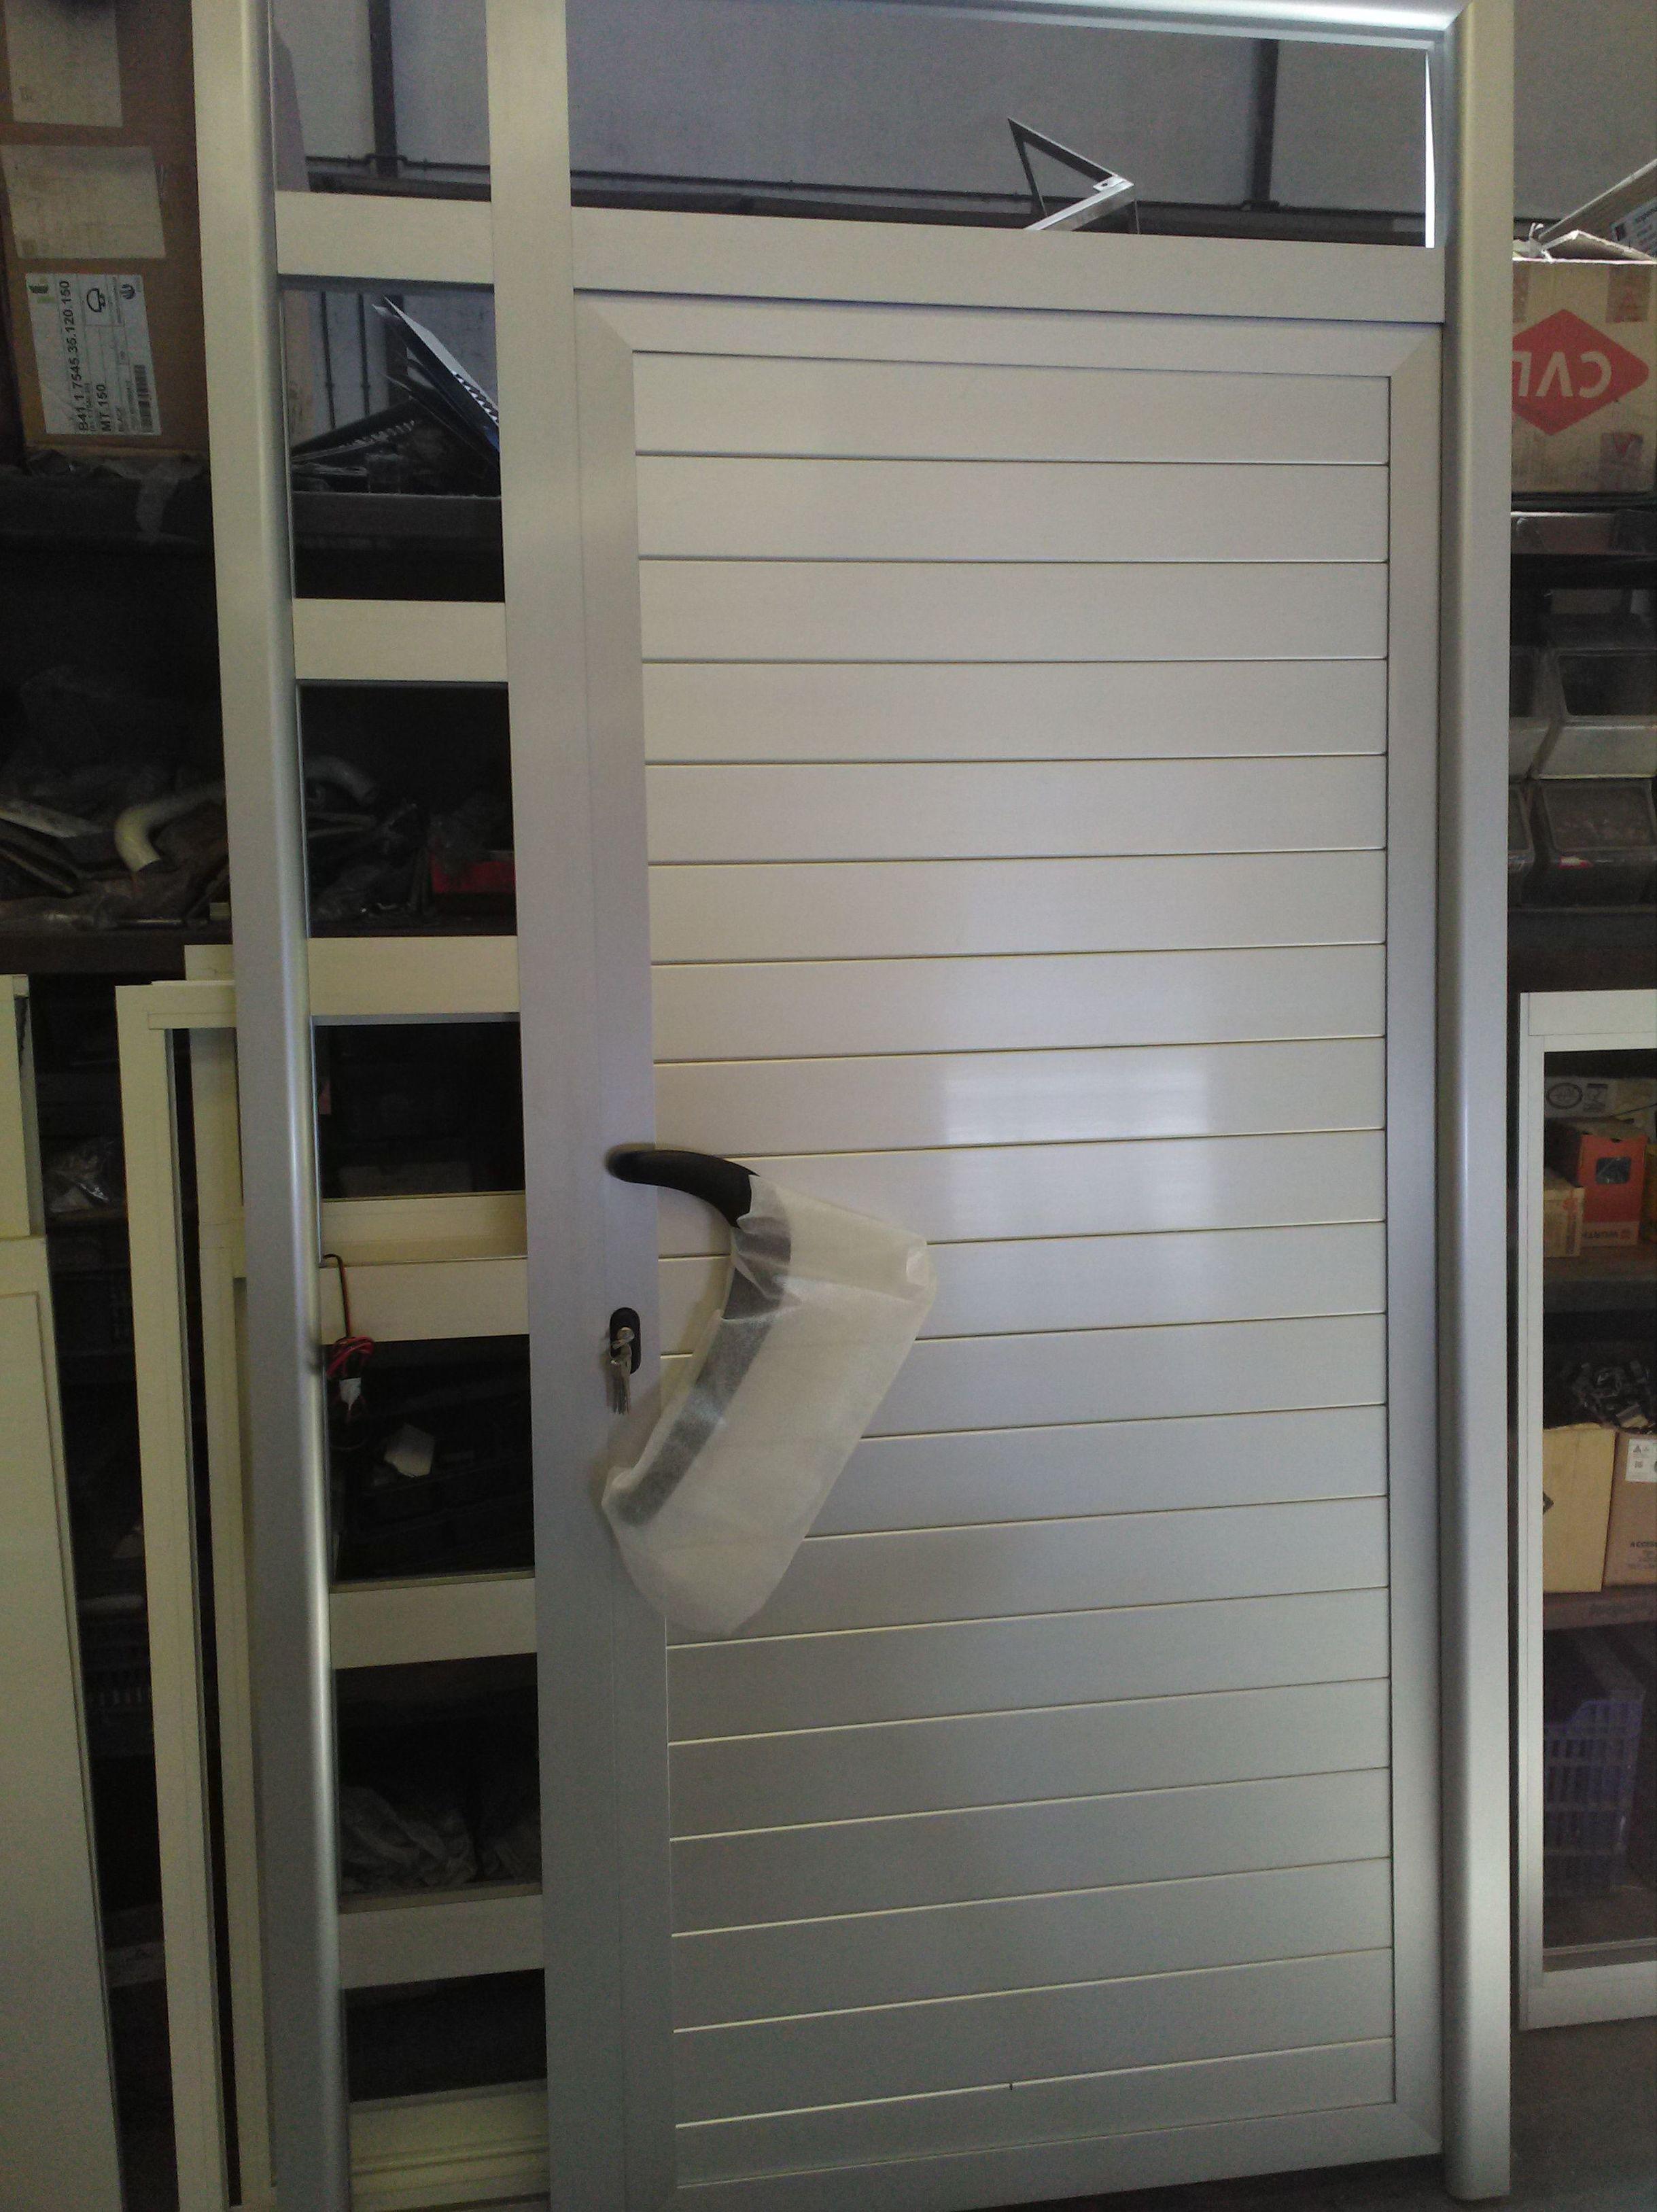 Foto 136 de Carpintería de aluminio, metálica y PVC en  | Exposición, Carpintería de aluminio- toldos-cerrajeria - reformas del hogar.